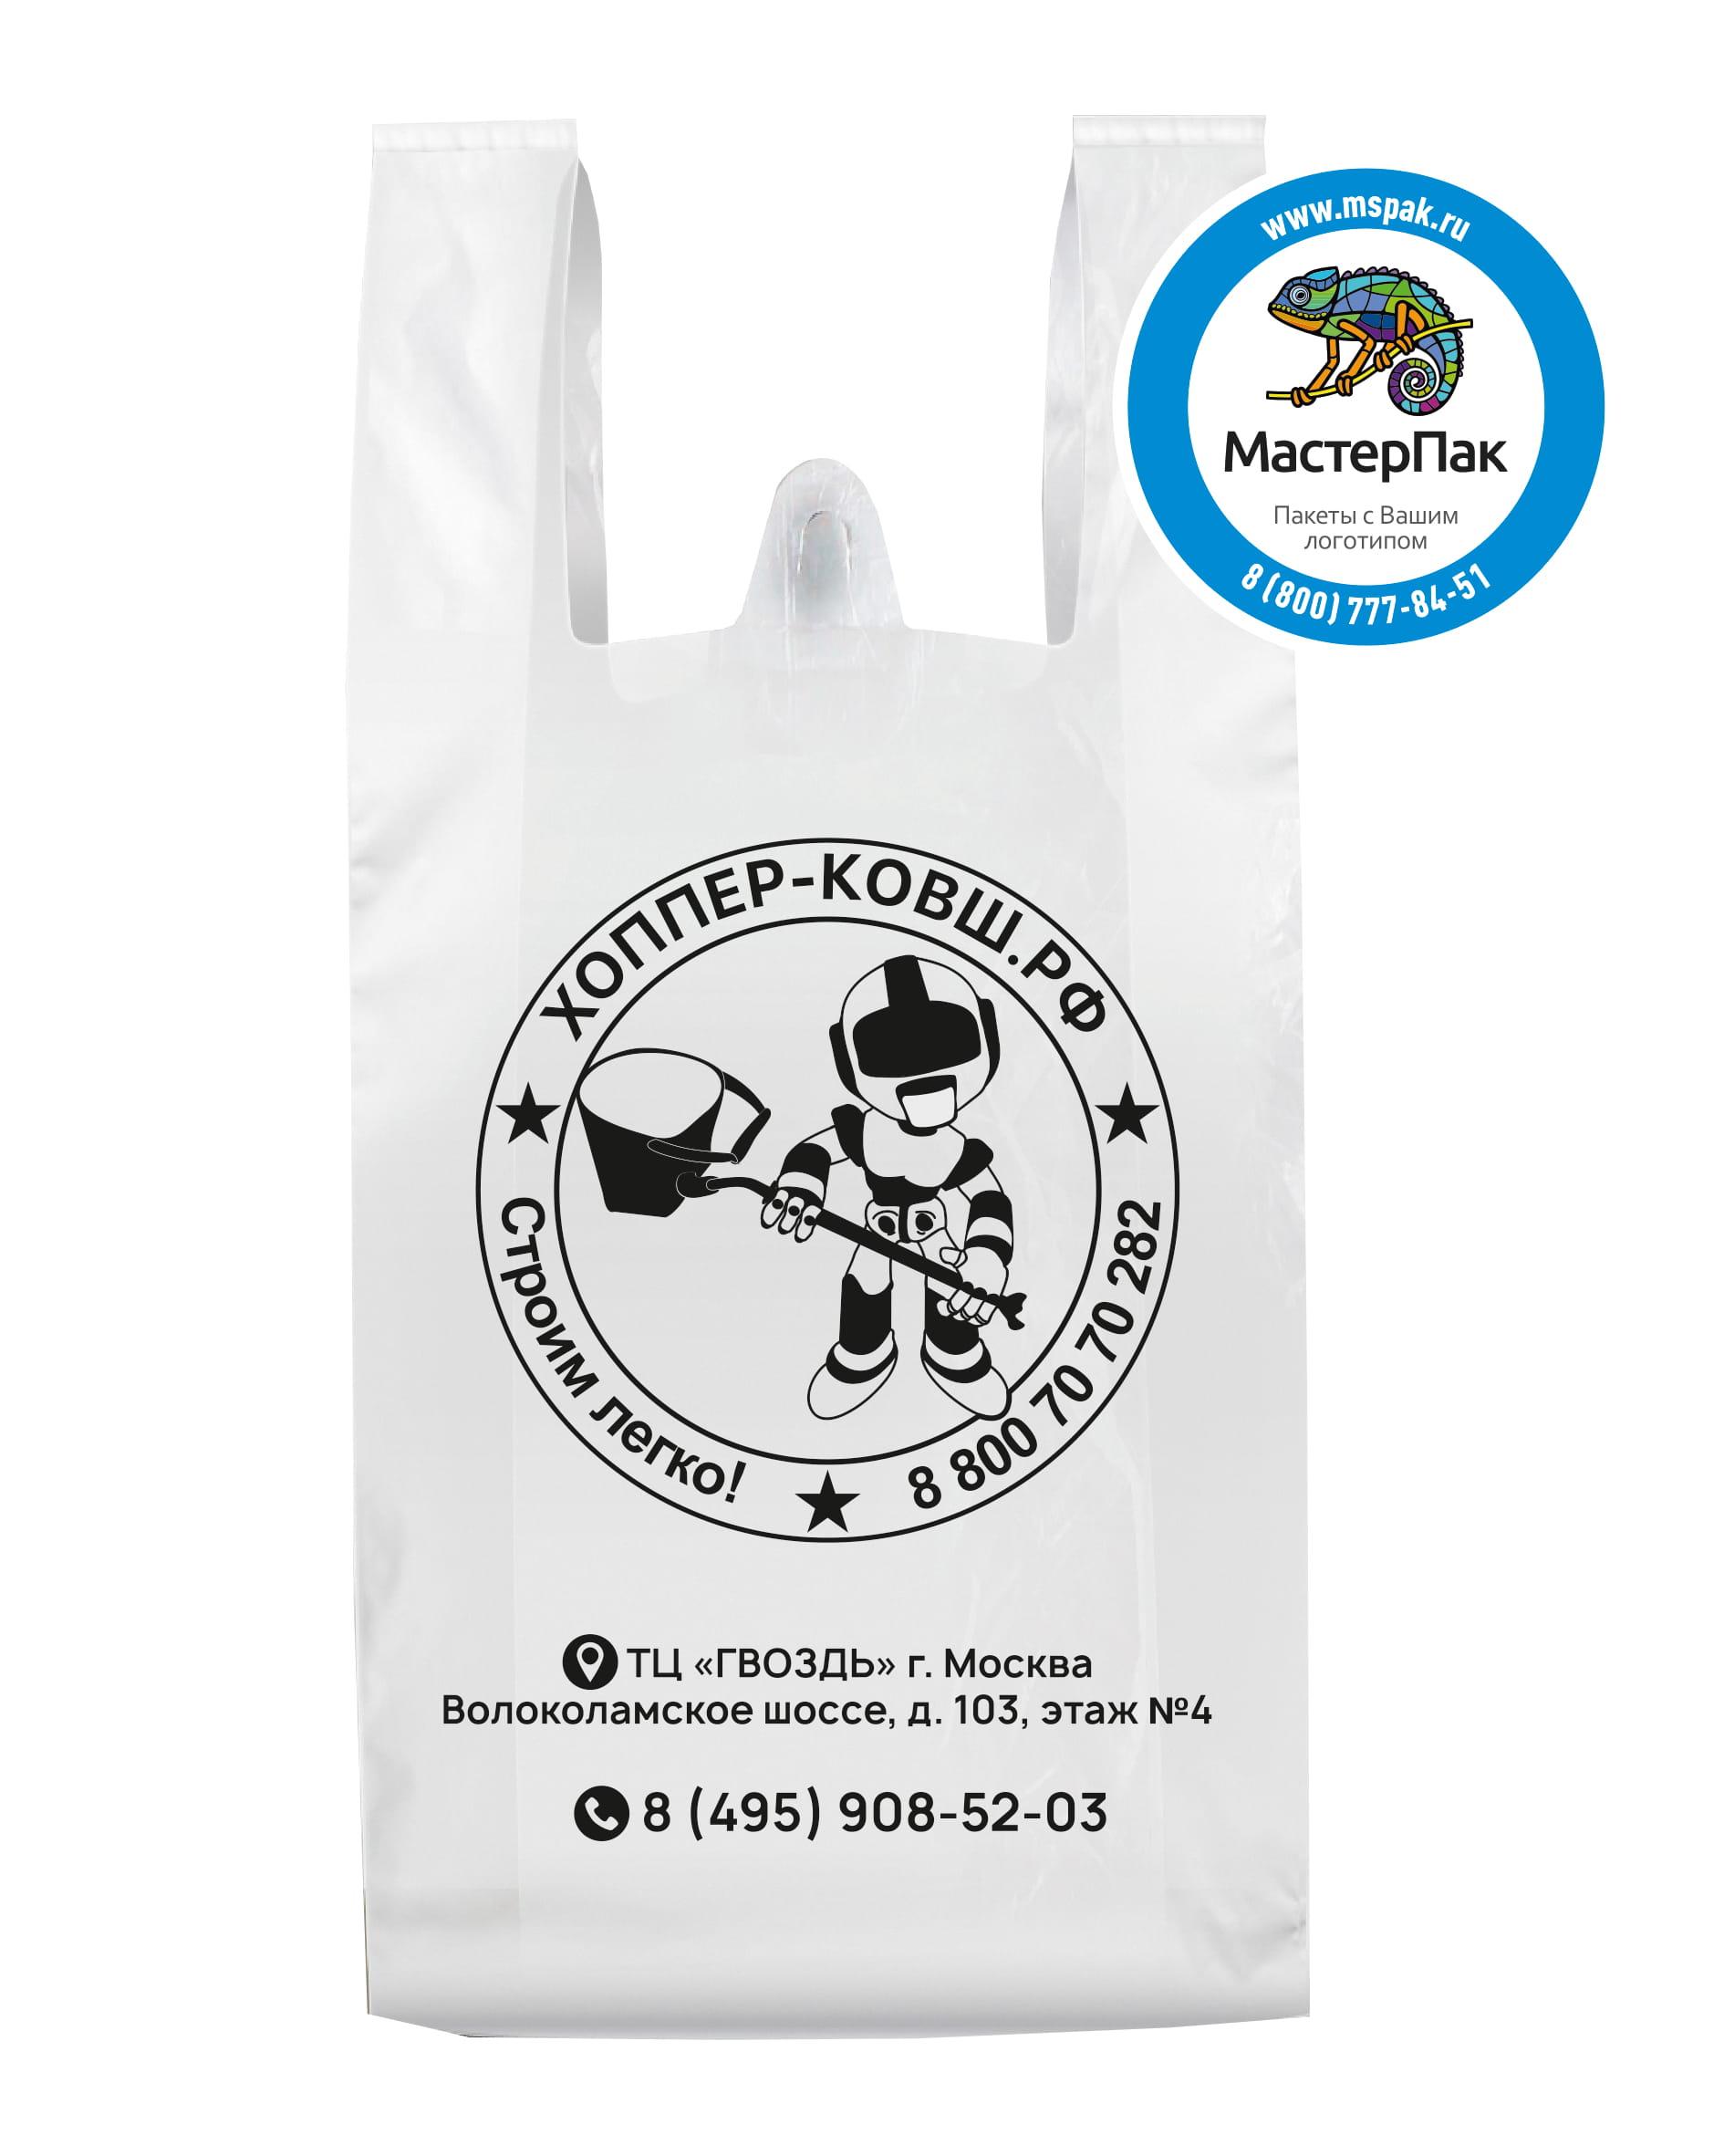 Пакет-майка ПНД с логотипом Хоппер-ковш.рф, Москва, 40*60, 28 мкм